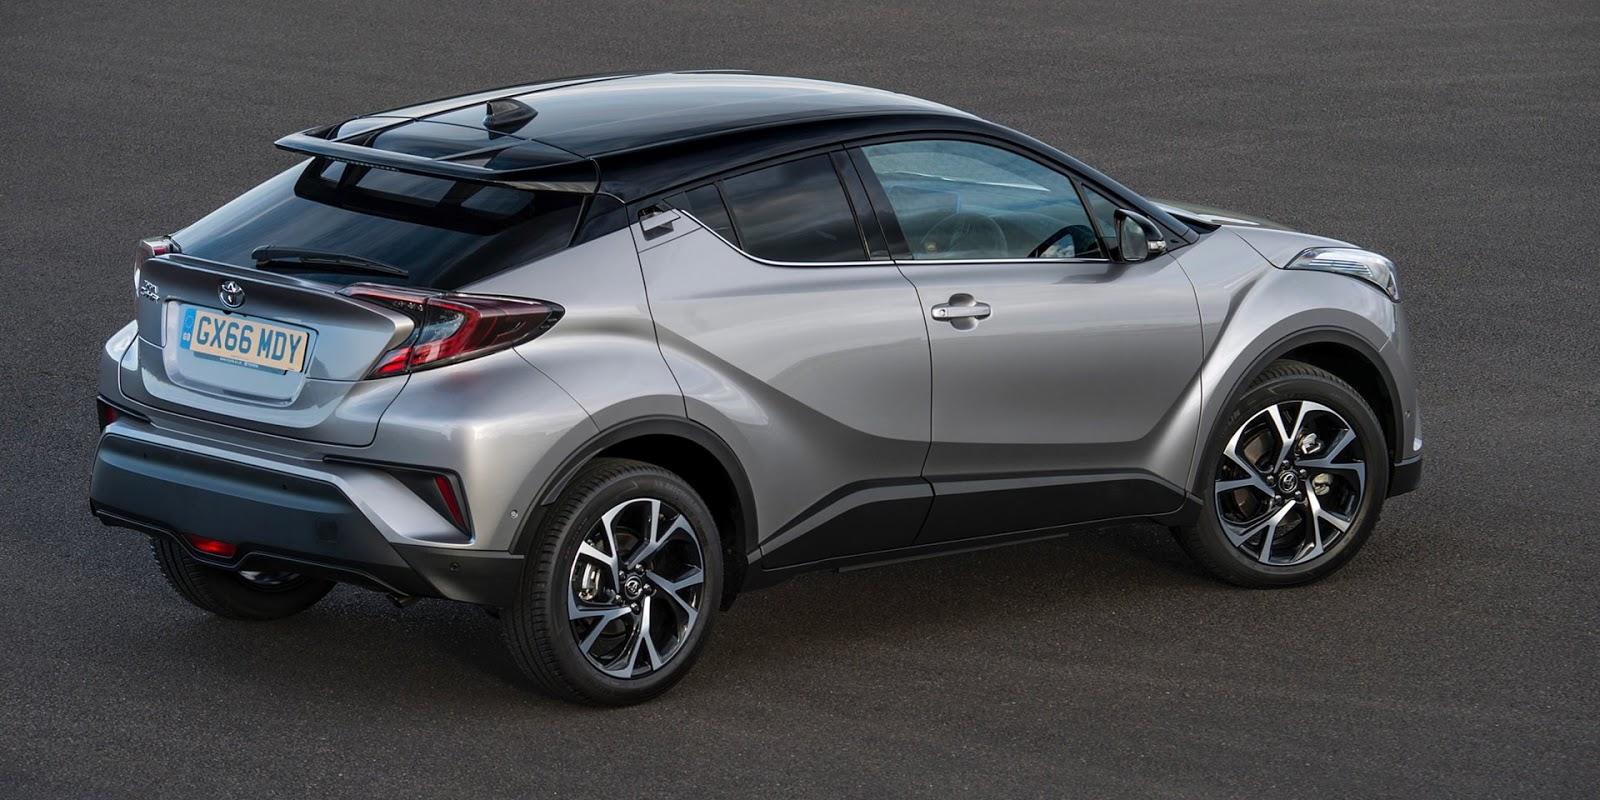 Toyota C-HR 2017 sẽ tạo nên cơn sốt trên thị trường xe?